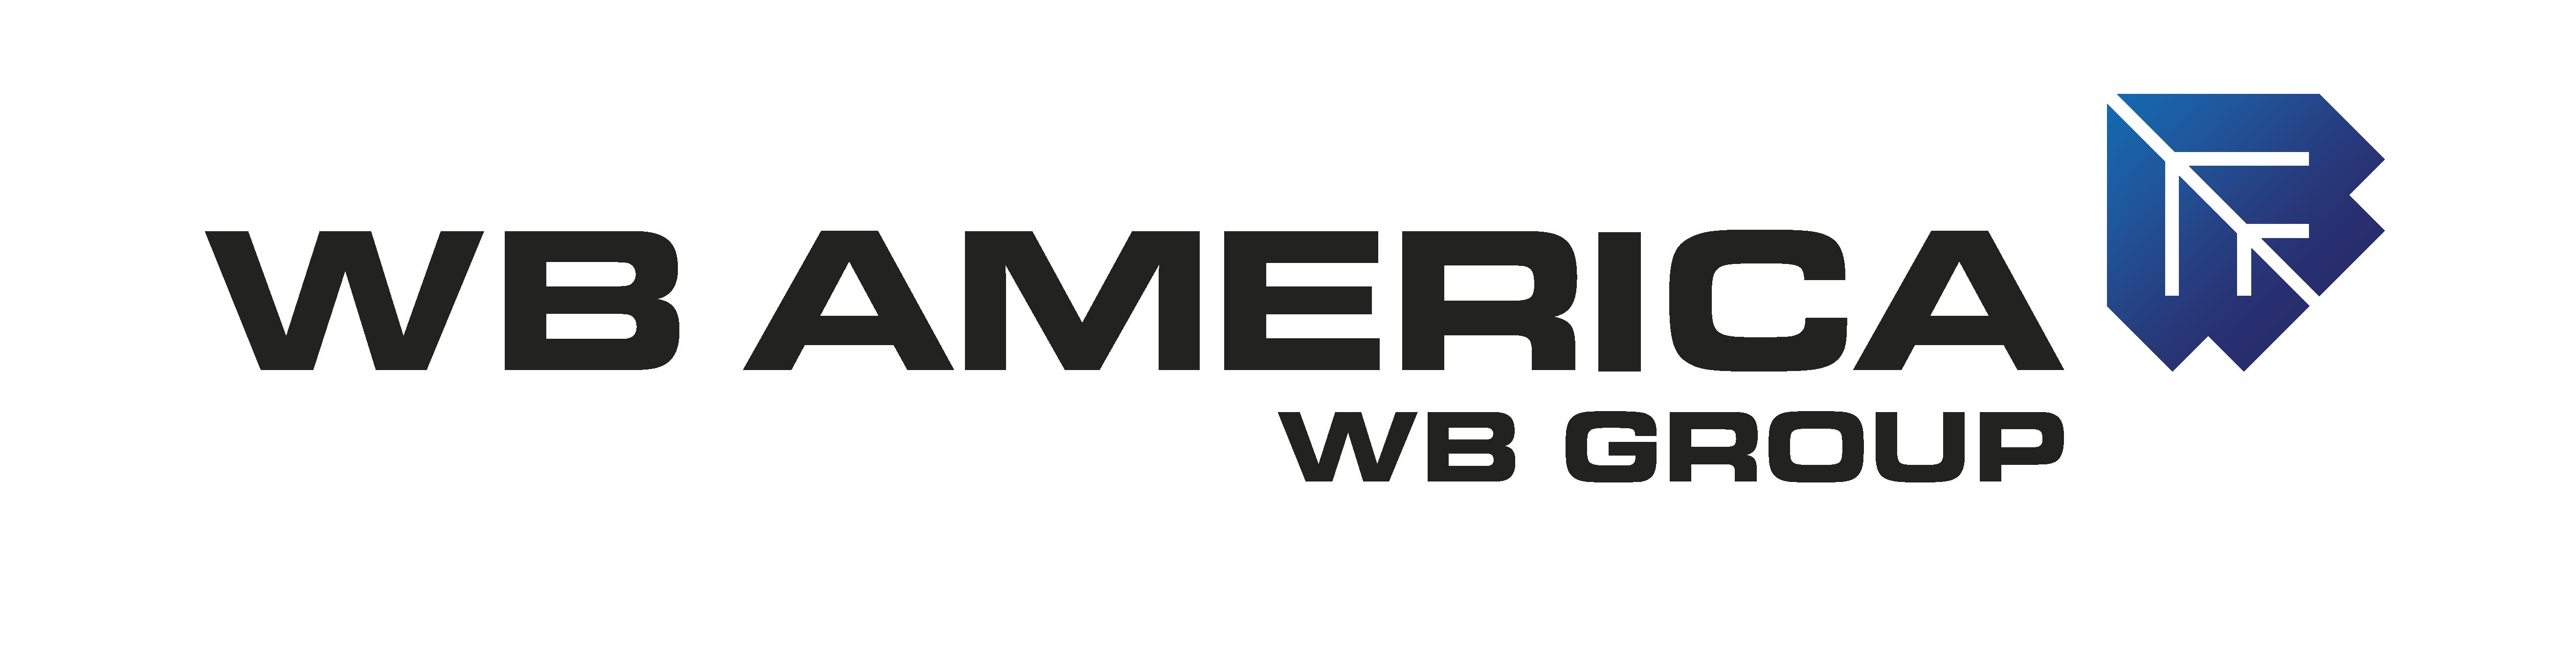 WB AMERICA